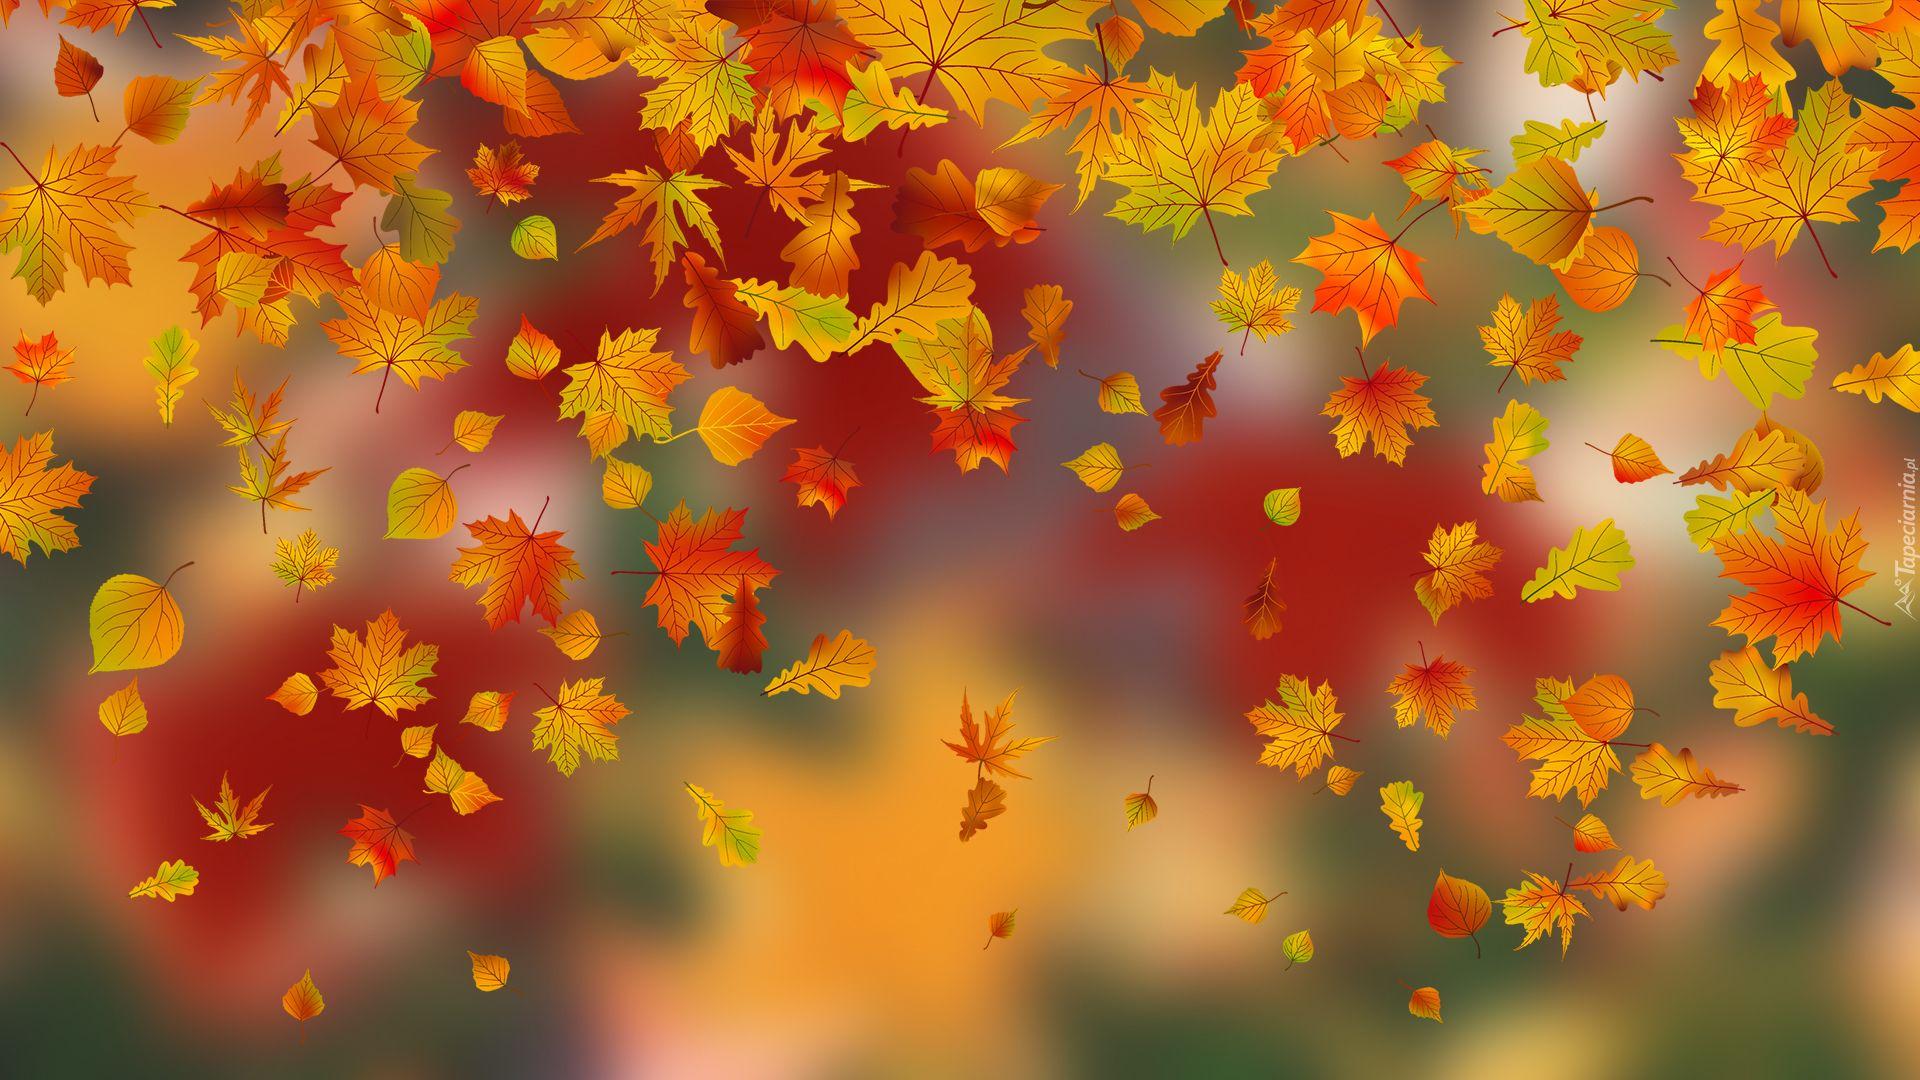 Grafika 2d Jesienne Liscie Nature Background Images Flower Images Spring Background